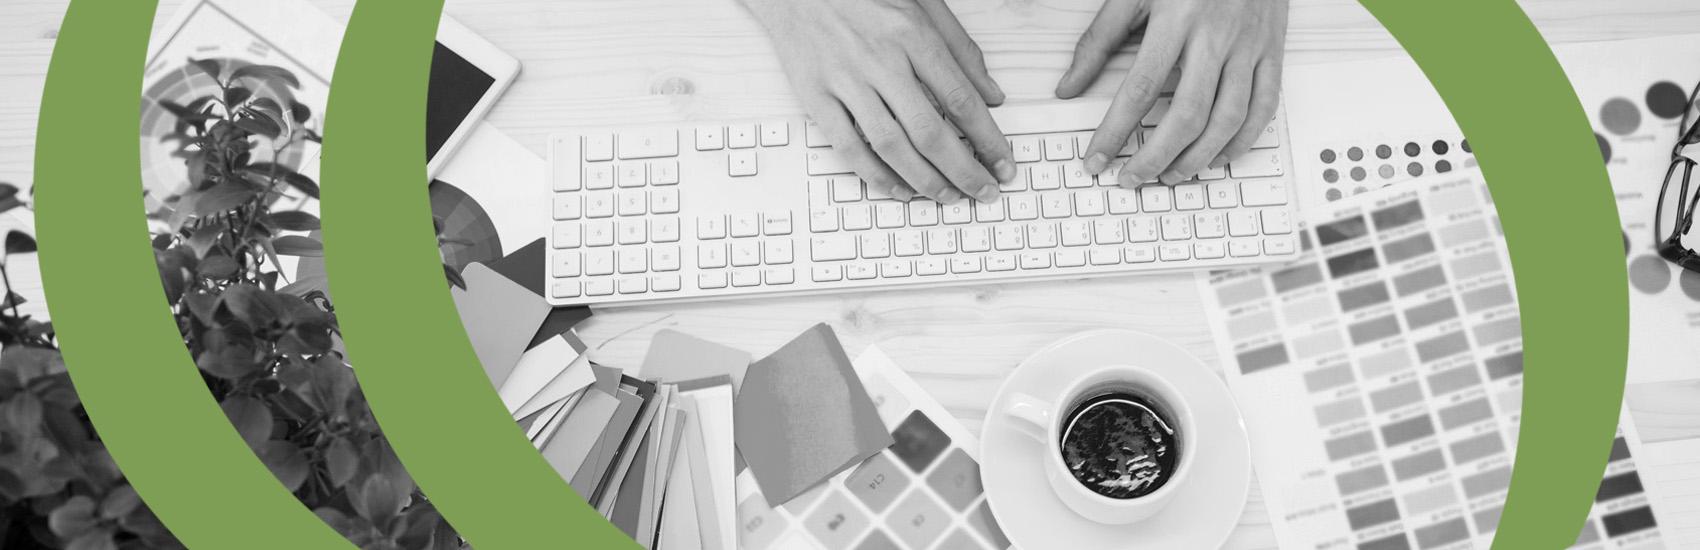 Как найти web-студию для разработки личного кабинета для сайта